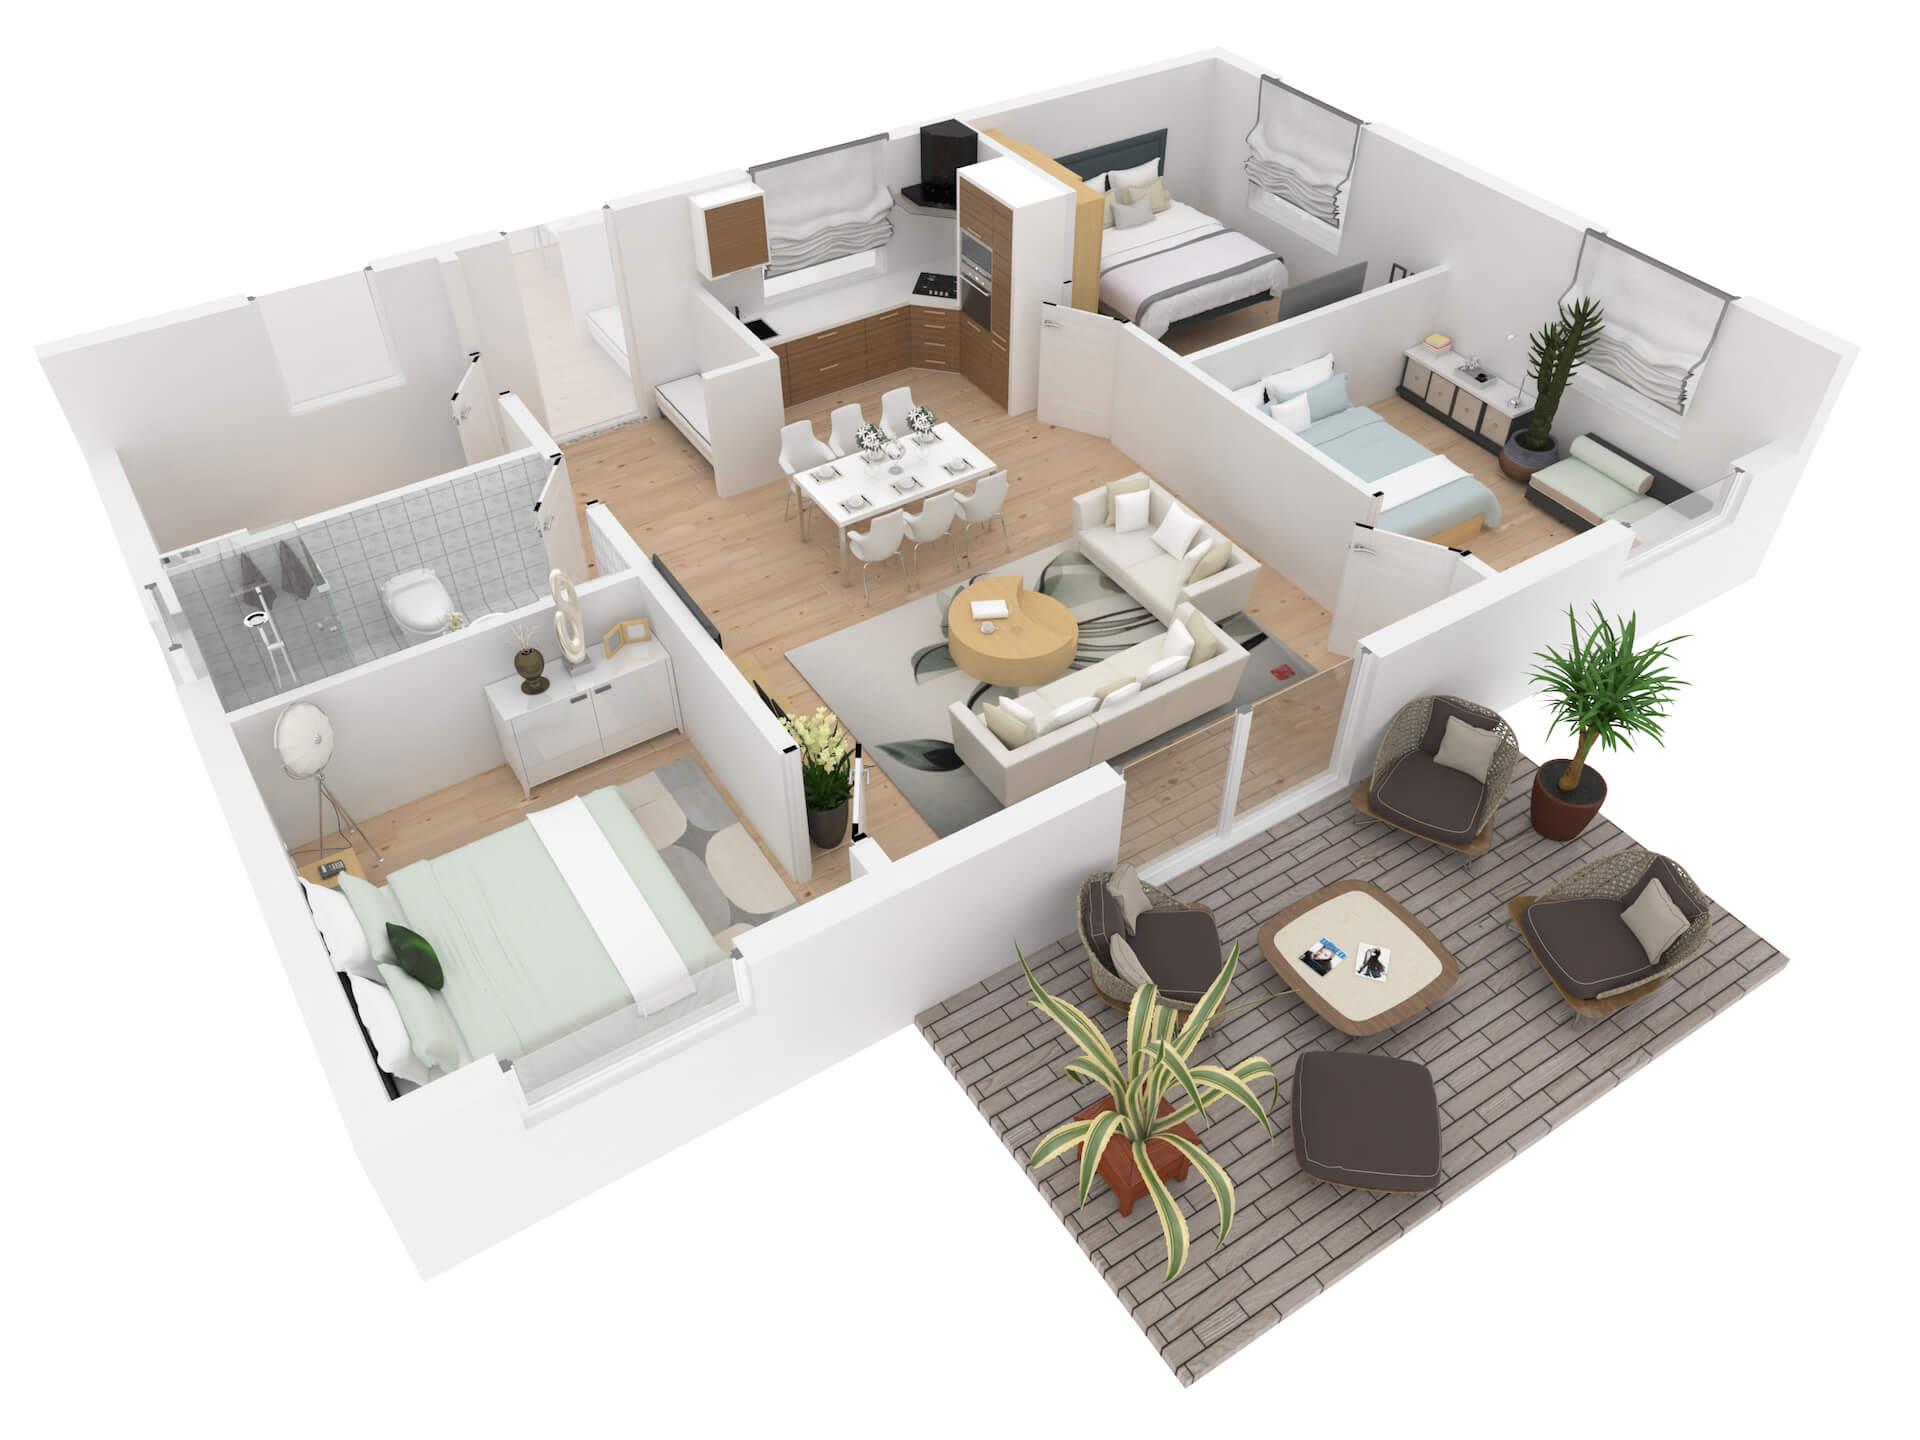 3D Floor Plans for Realtors for Online Ads